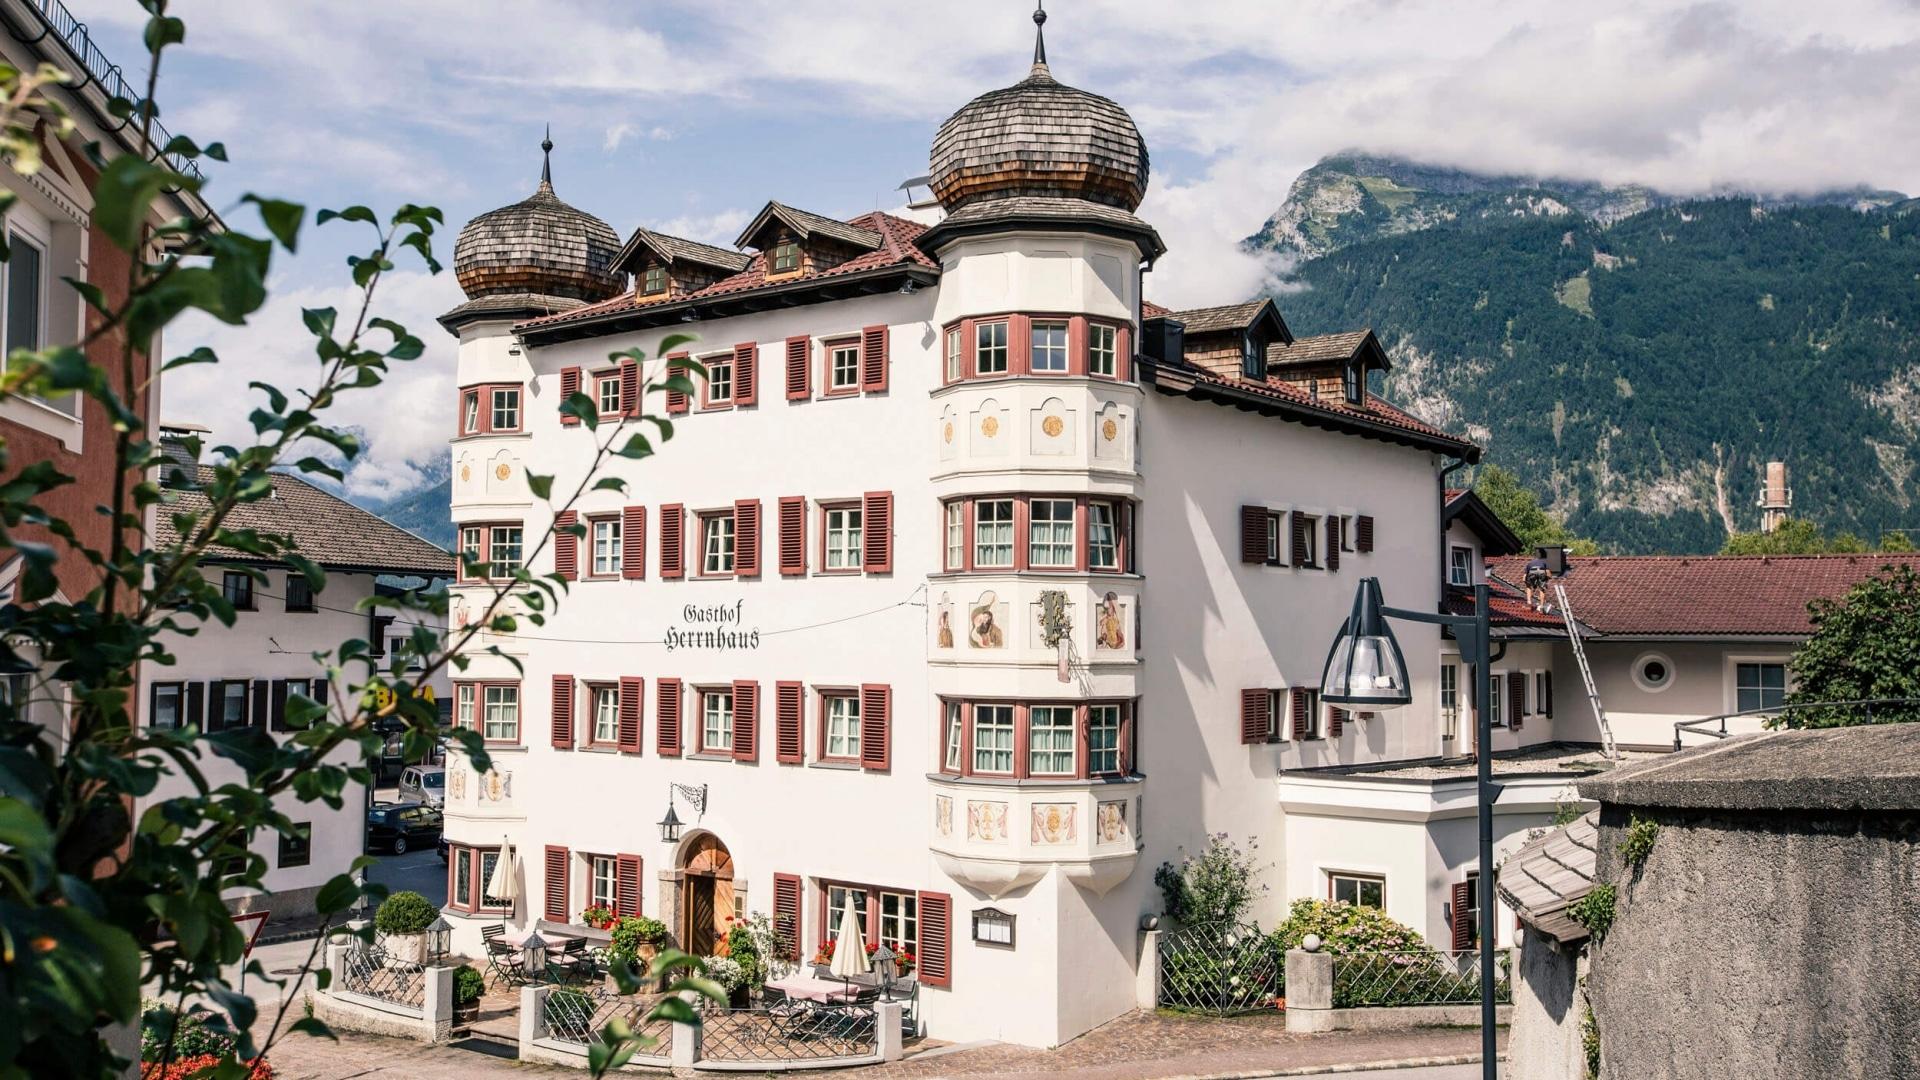 Gasthaus Herrnhaus mit seinen markanten Zwiebeltürmen © Servus TV - Markus Christ